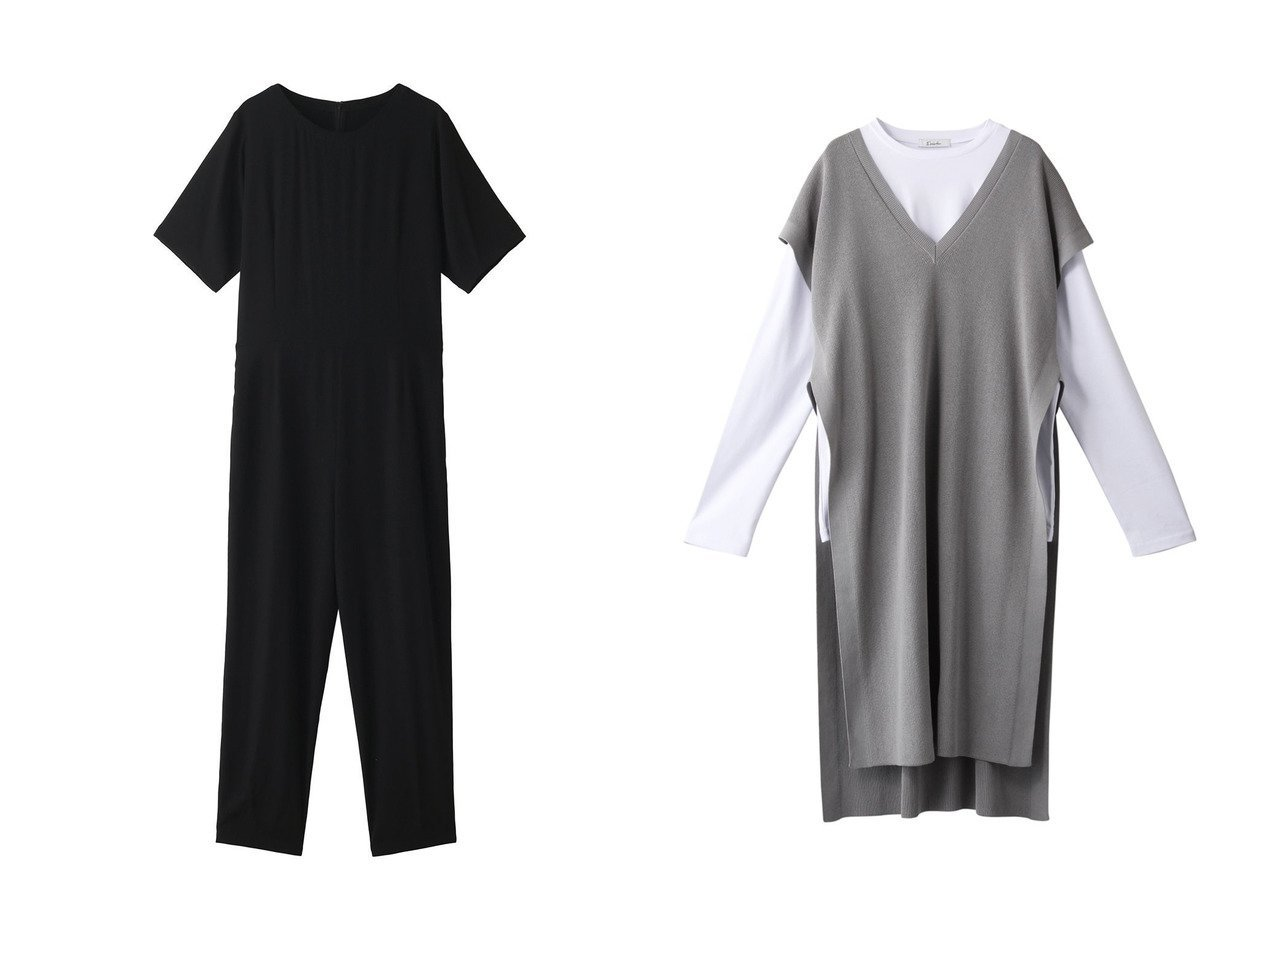 【Ezick/エジック】のロンTツキレイヤードベスト&【THIRD MAGAZINE/サードマガジン】のウォッシャブルシルクデシンオールインワン おすすめ!人気、トレンド・レディースファッションの通販 おすすめで人気の流行・トレンド、ファッションの通販商品 メンズファッション・キッズファッション・インテリア・家具・レディースファッション・服の通販 founy(ファニー) https://founy.com/ ファッション Fashion レディースファッション WOMEN パンツ Pants アウター Coat Outerwear ジャケット Jackets 2021年 2021 2021春夏・S/S SS/Spring/Summer/2021 S/S・春夏 SS・Spring/Summer とろみ シルク シンプル リラックス 春 Spring ジャケット ベスト ロング 長袖  ID:crp329100000027168